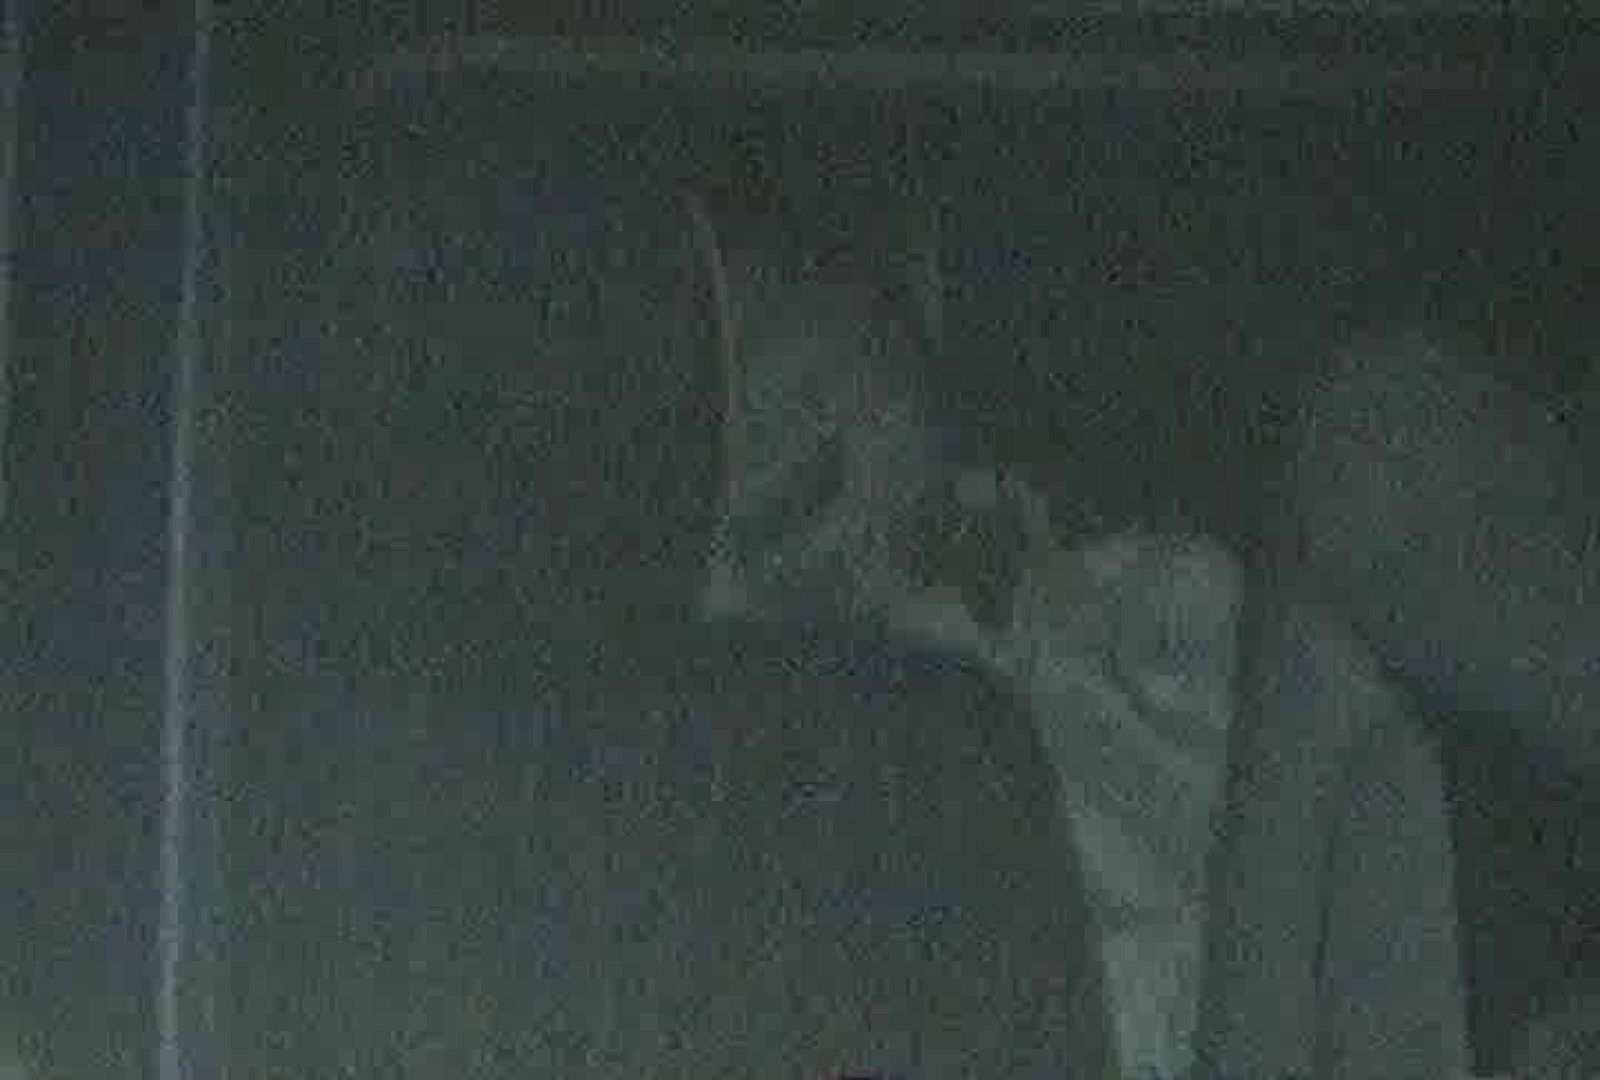 充血監督の深夜の運動会Vol.53 美しいOLの裸体   セックス  97pic 93